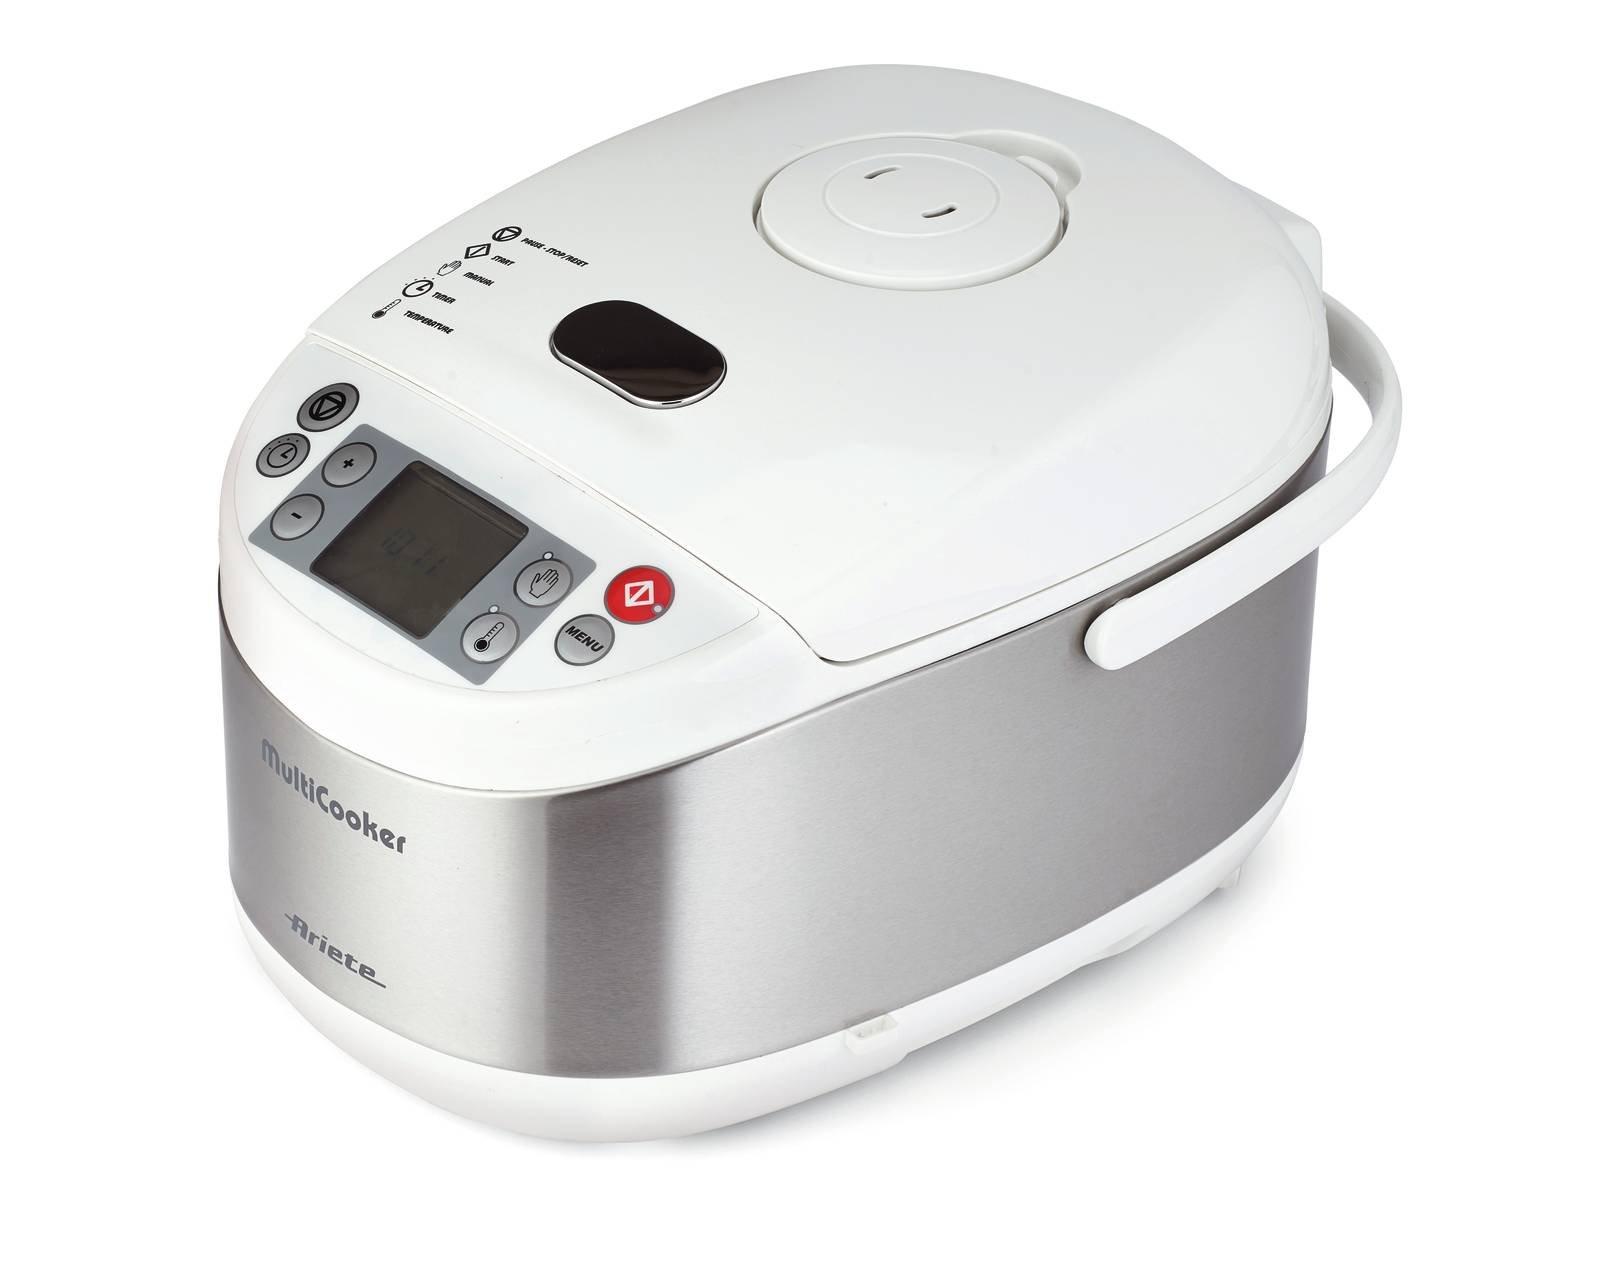 Multicooker, specializzati nella cottura - Cose di Casa